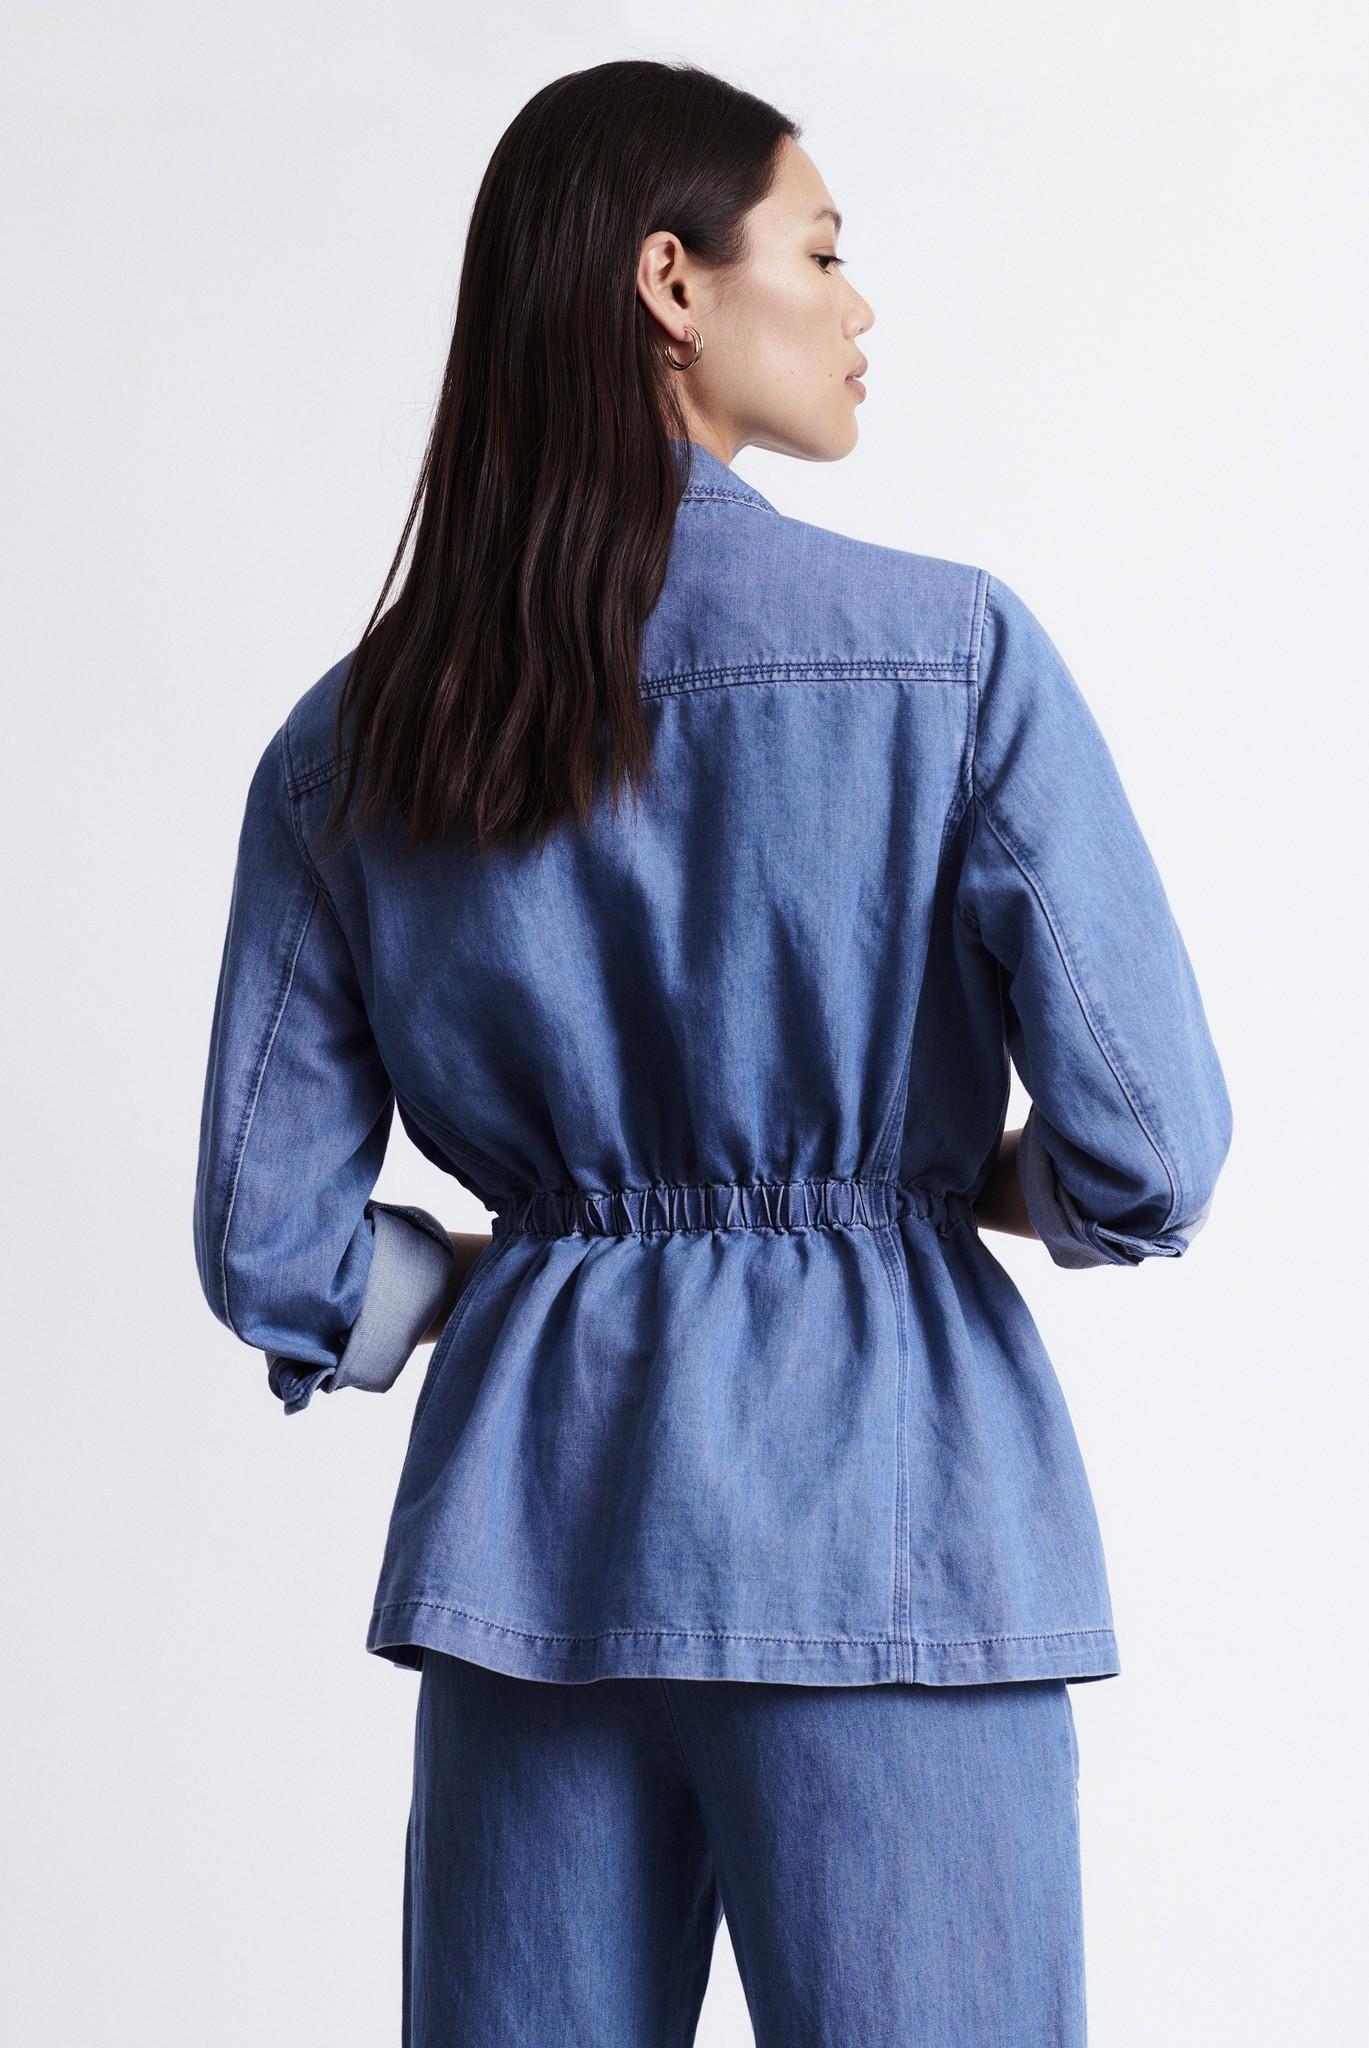 AMALTHEA - Джинсовая куртка